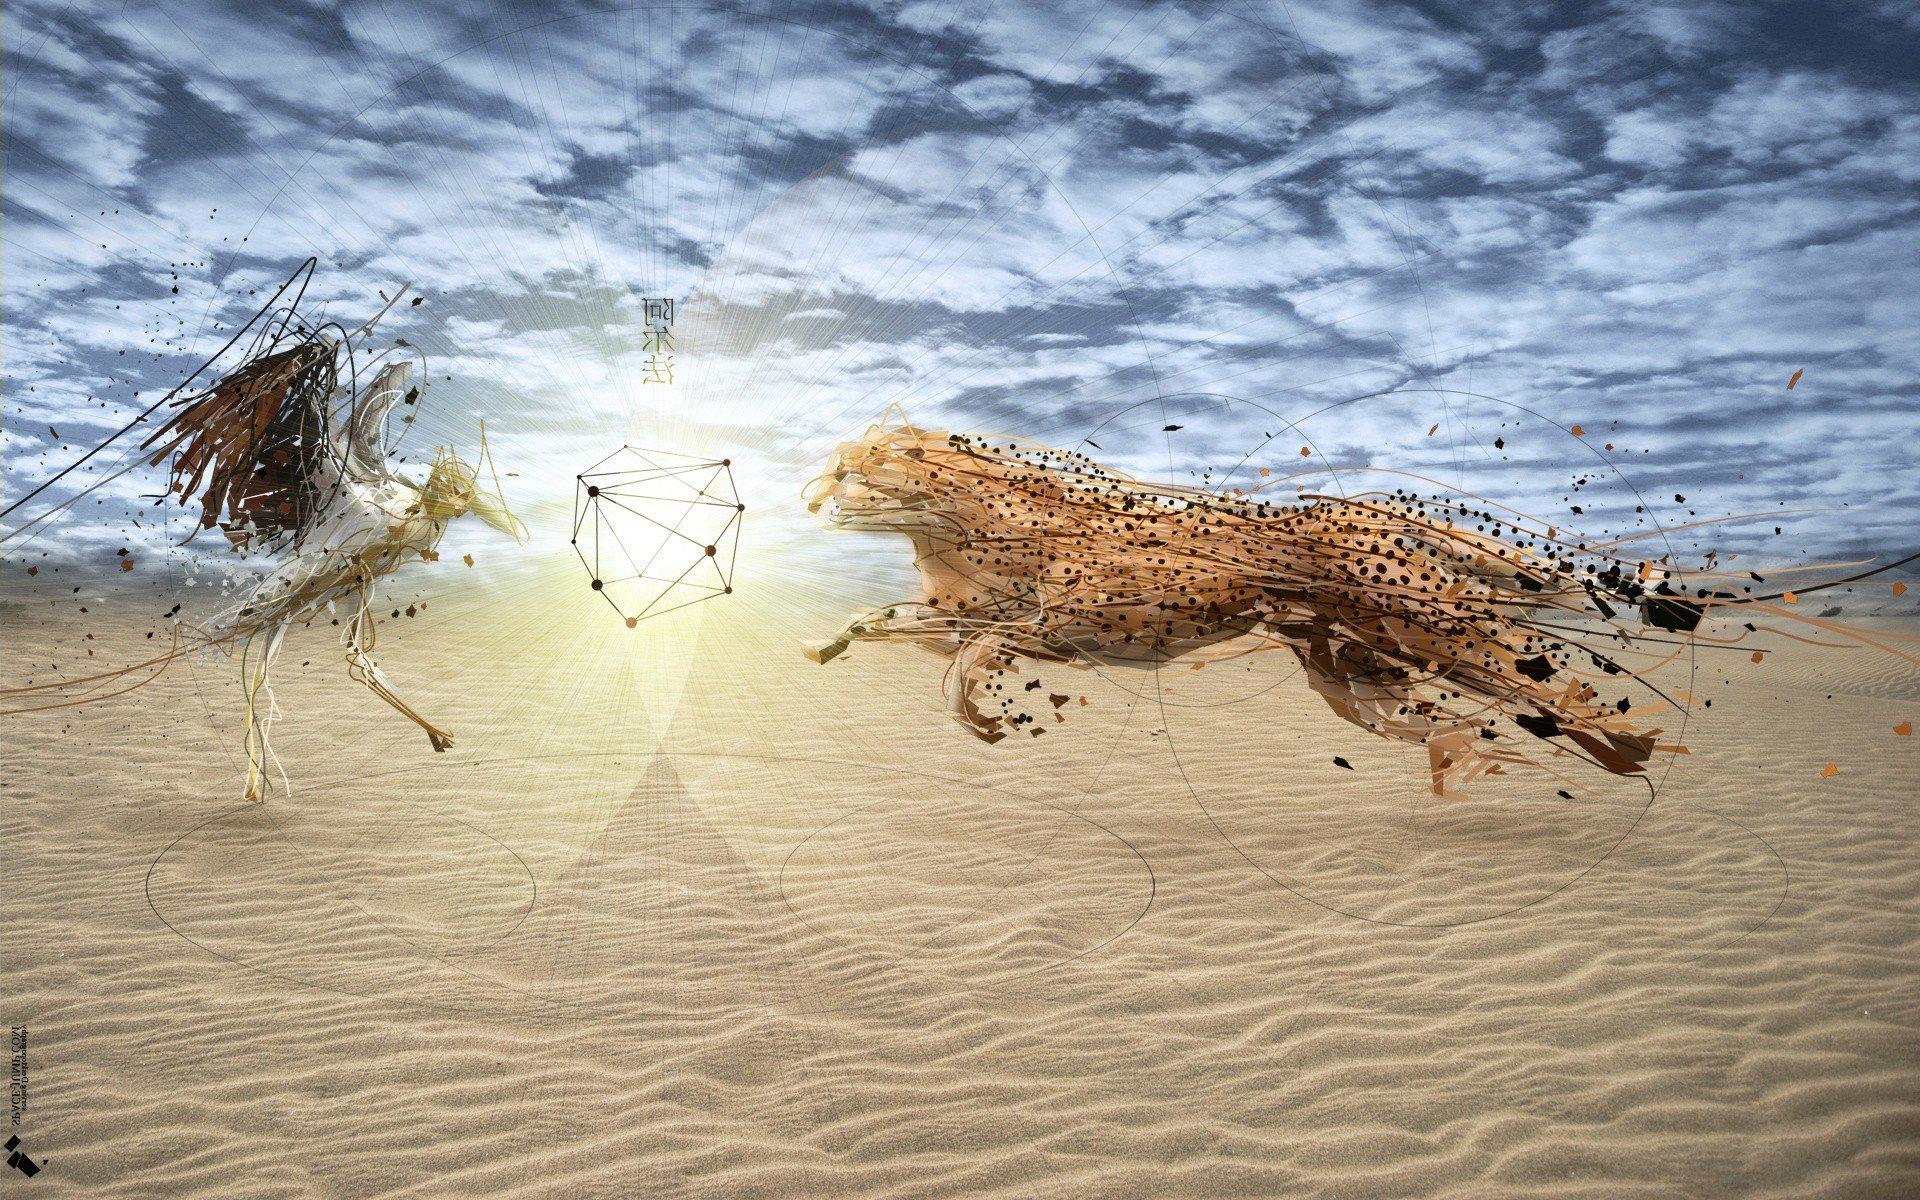 Digital Leopard Art Wallpapers: Cheetah Art, HD Artist, 4k Wallpapers, Images, Backgrounds